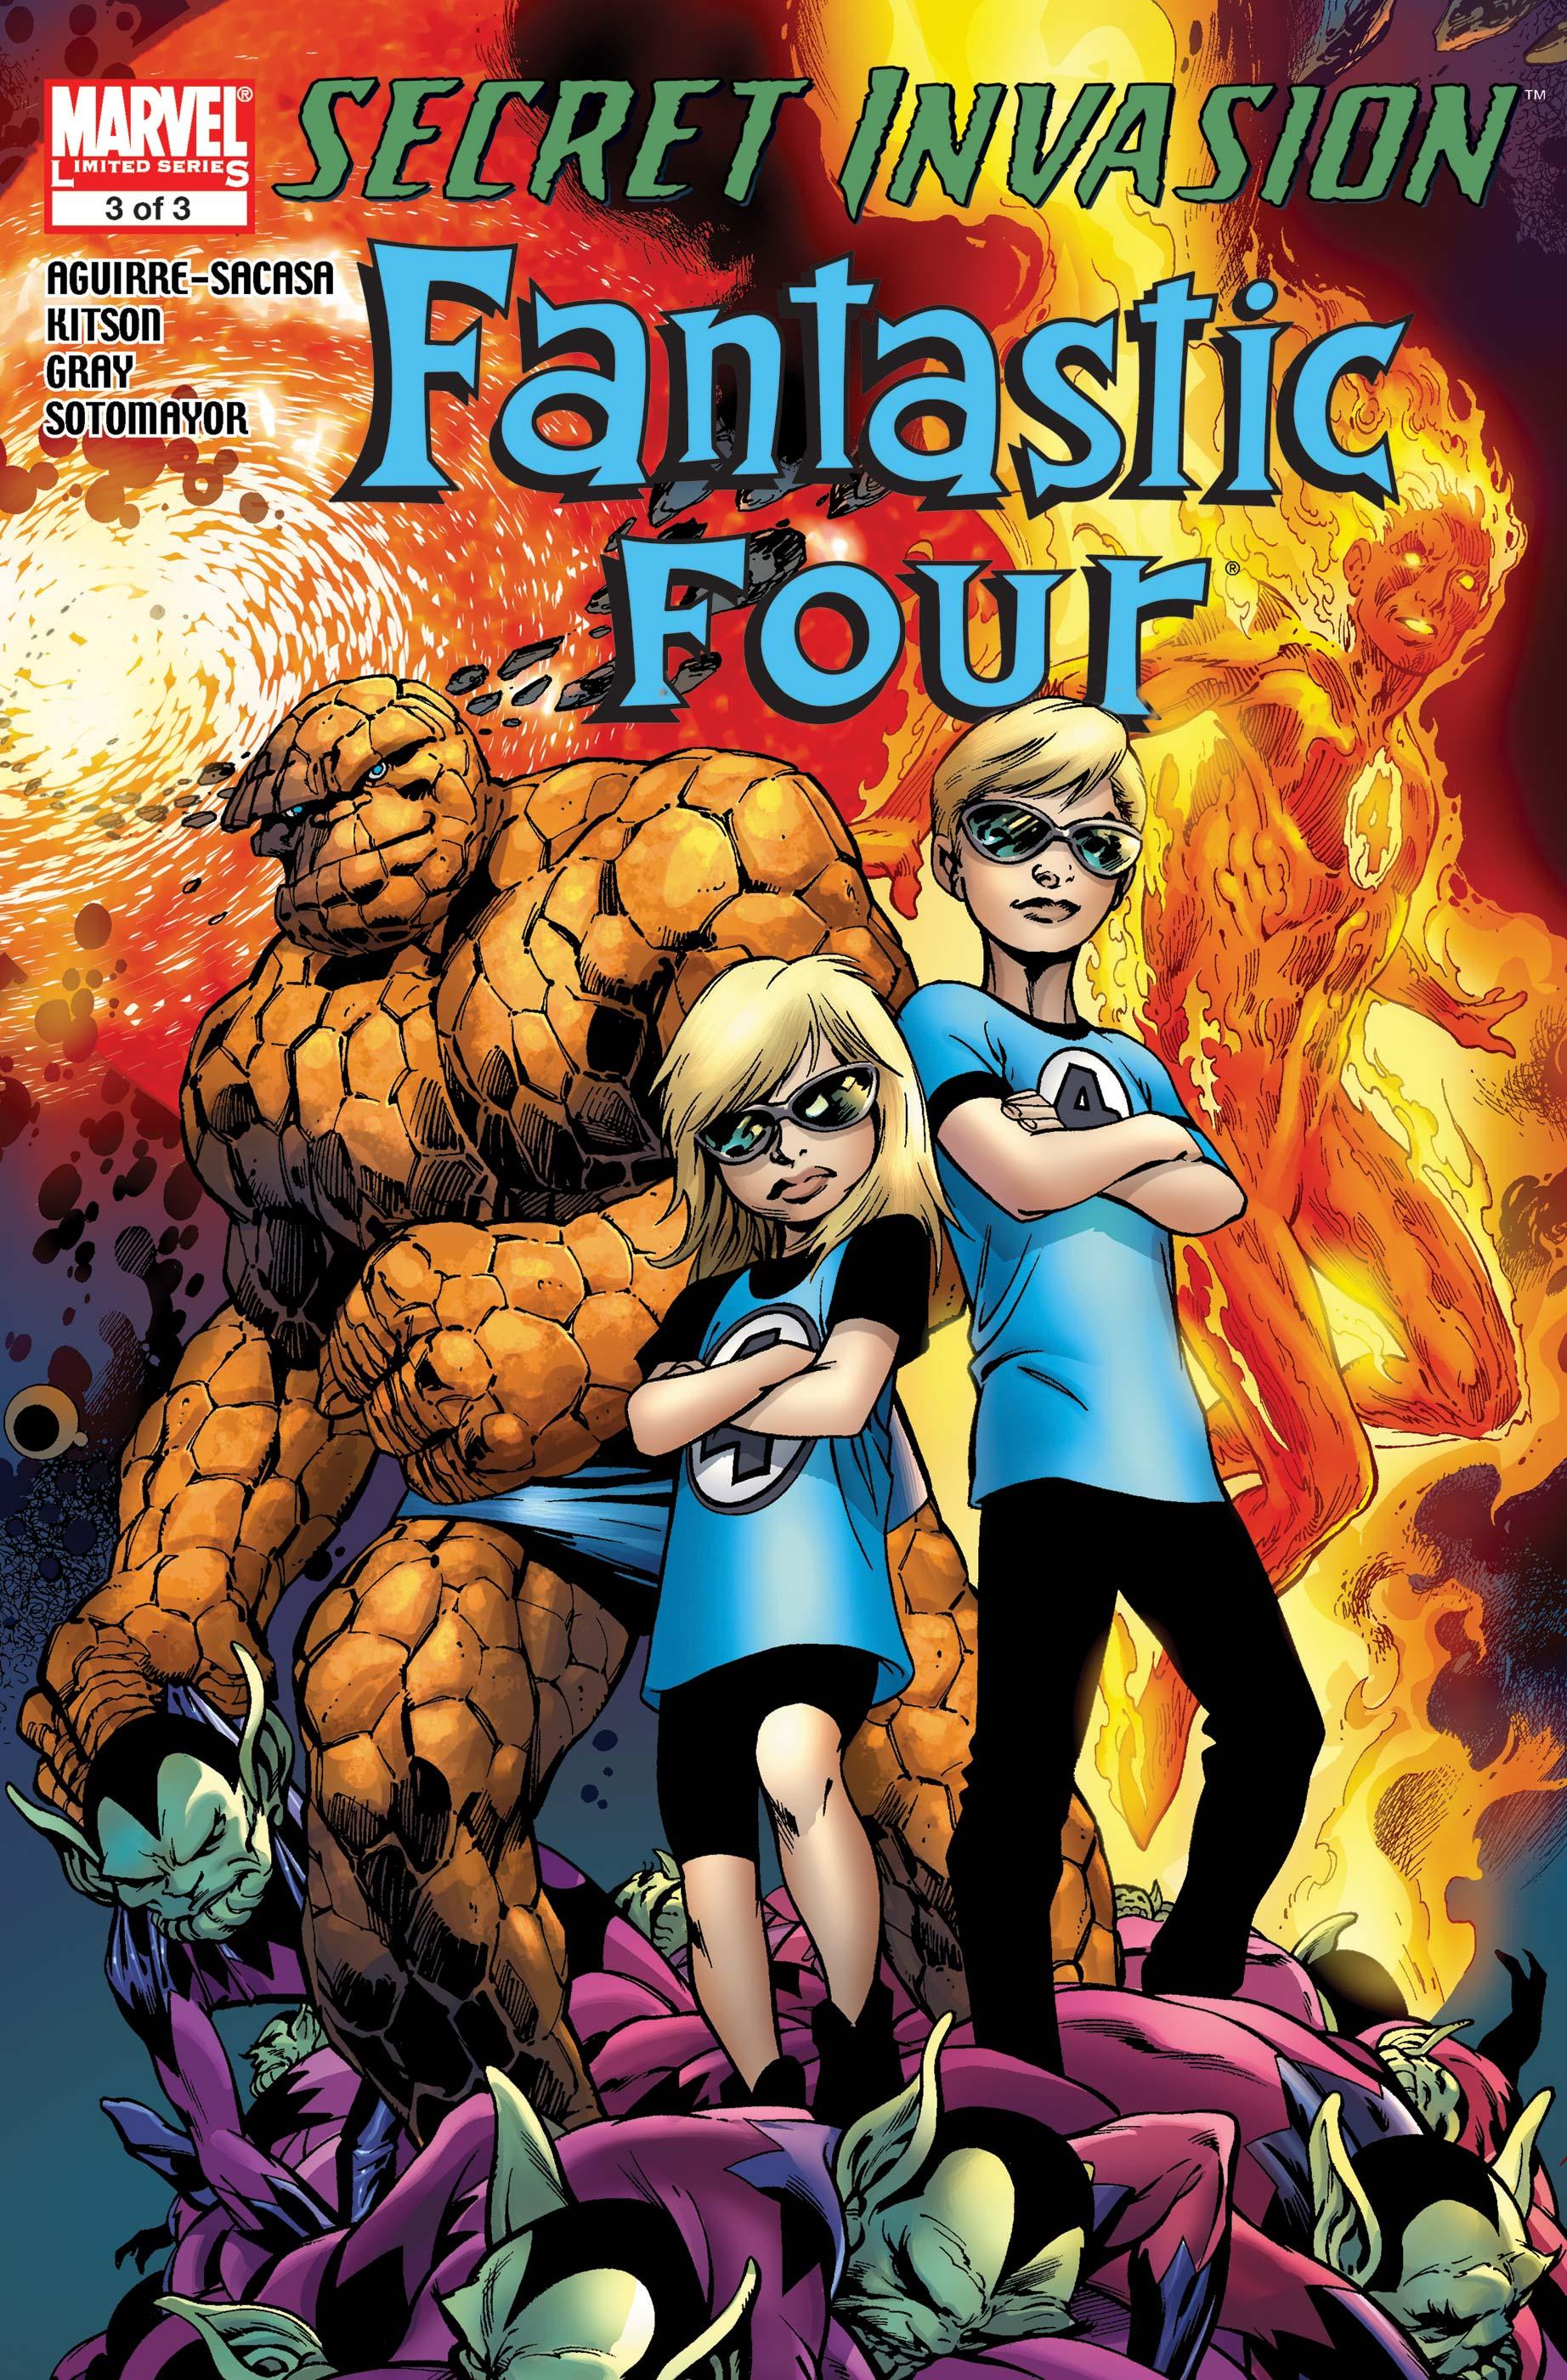 Secret Invasion: Fantastic Four (2008) #3